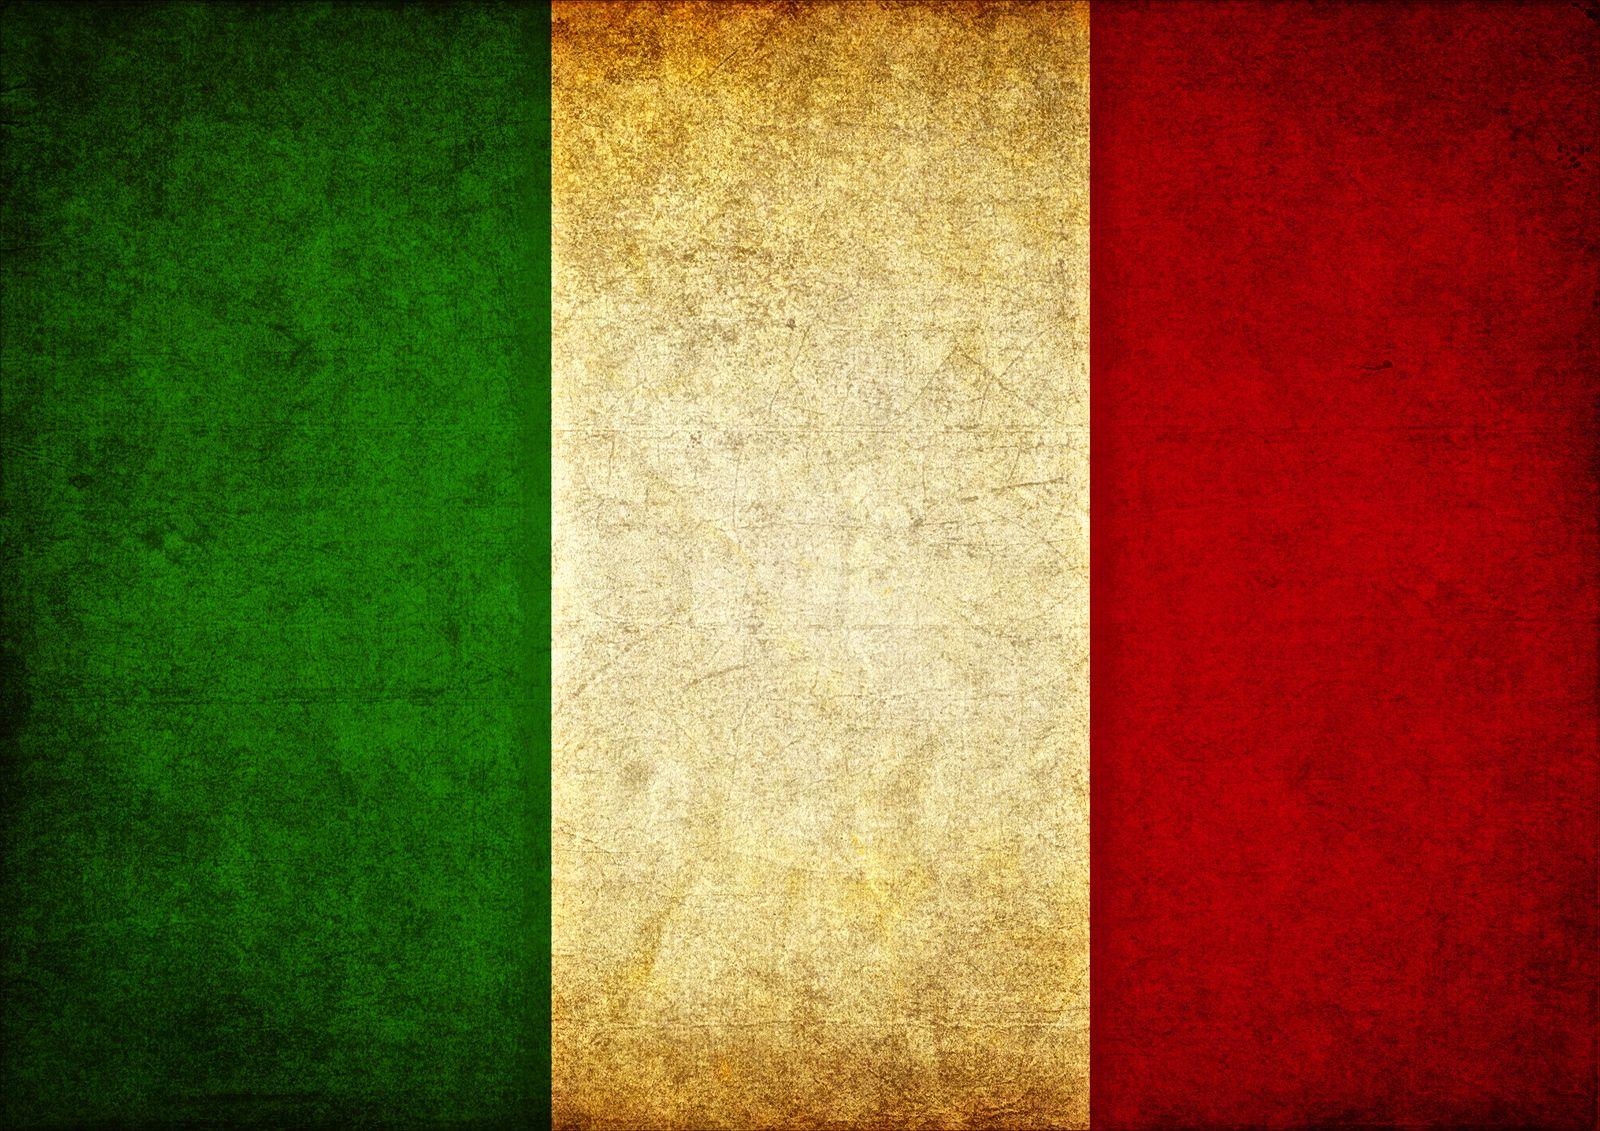 Що подивитись в Італії - 10 атракцій, які не можна пропустити